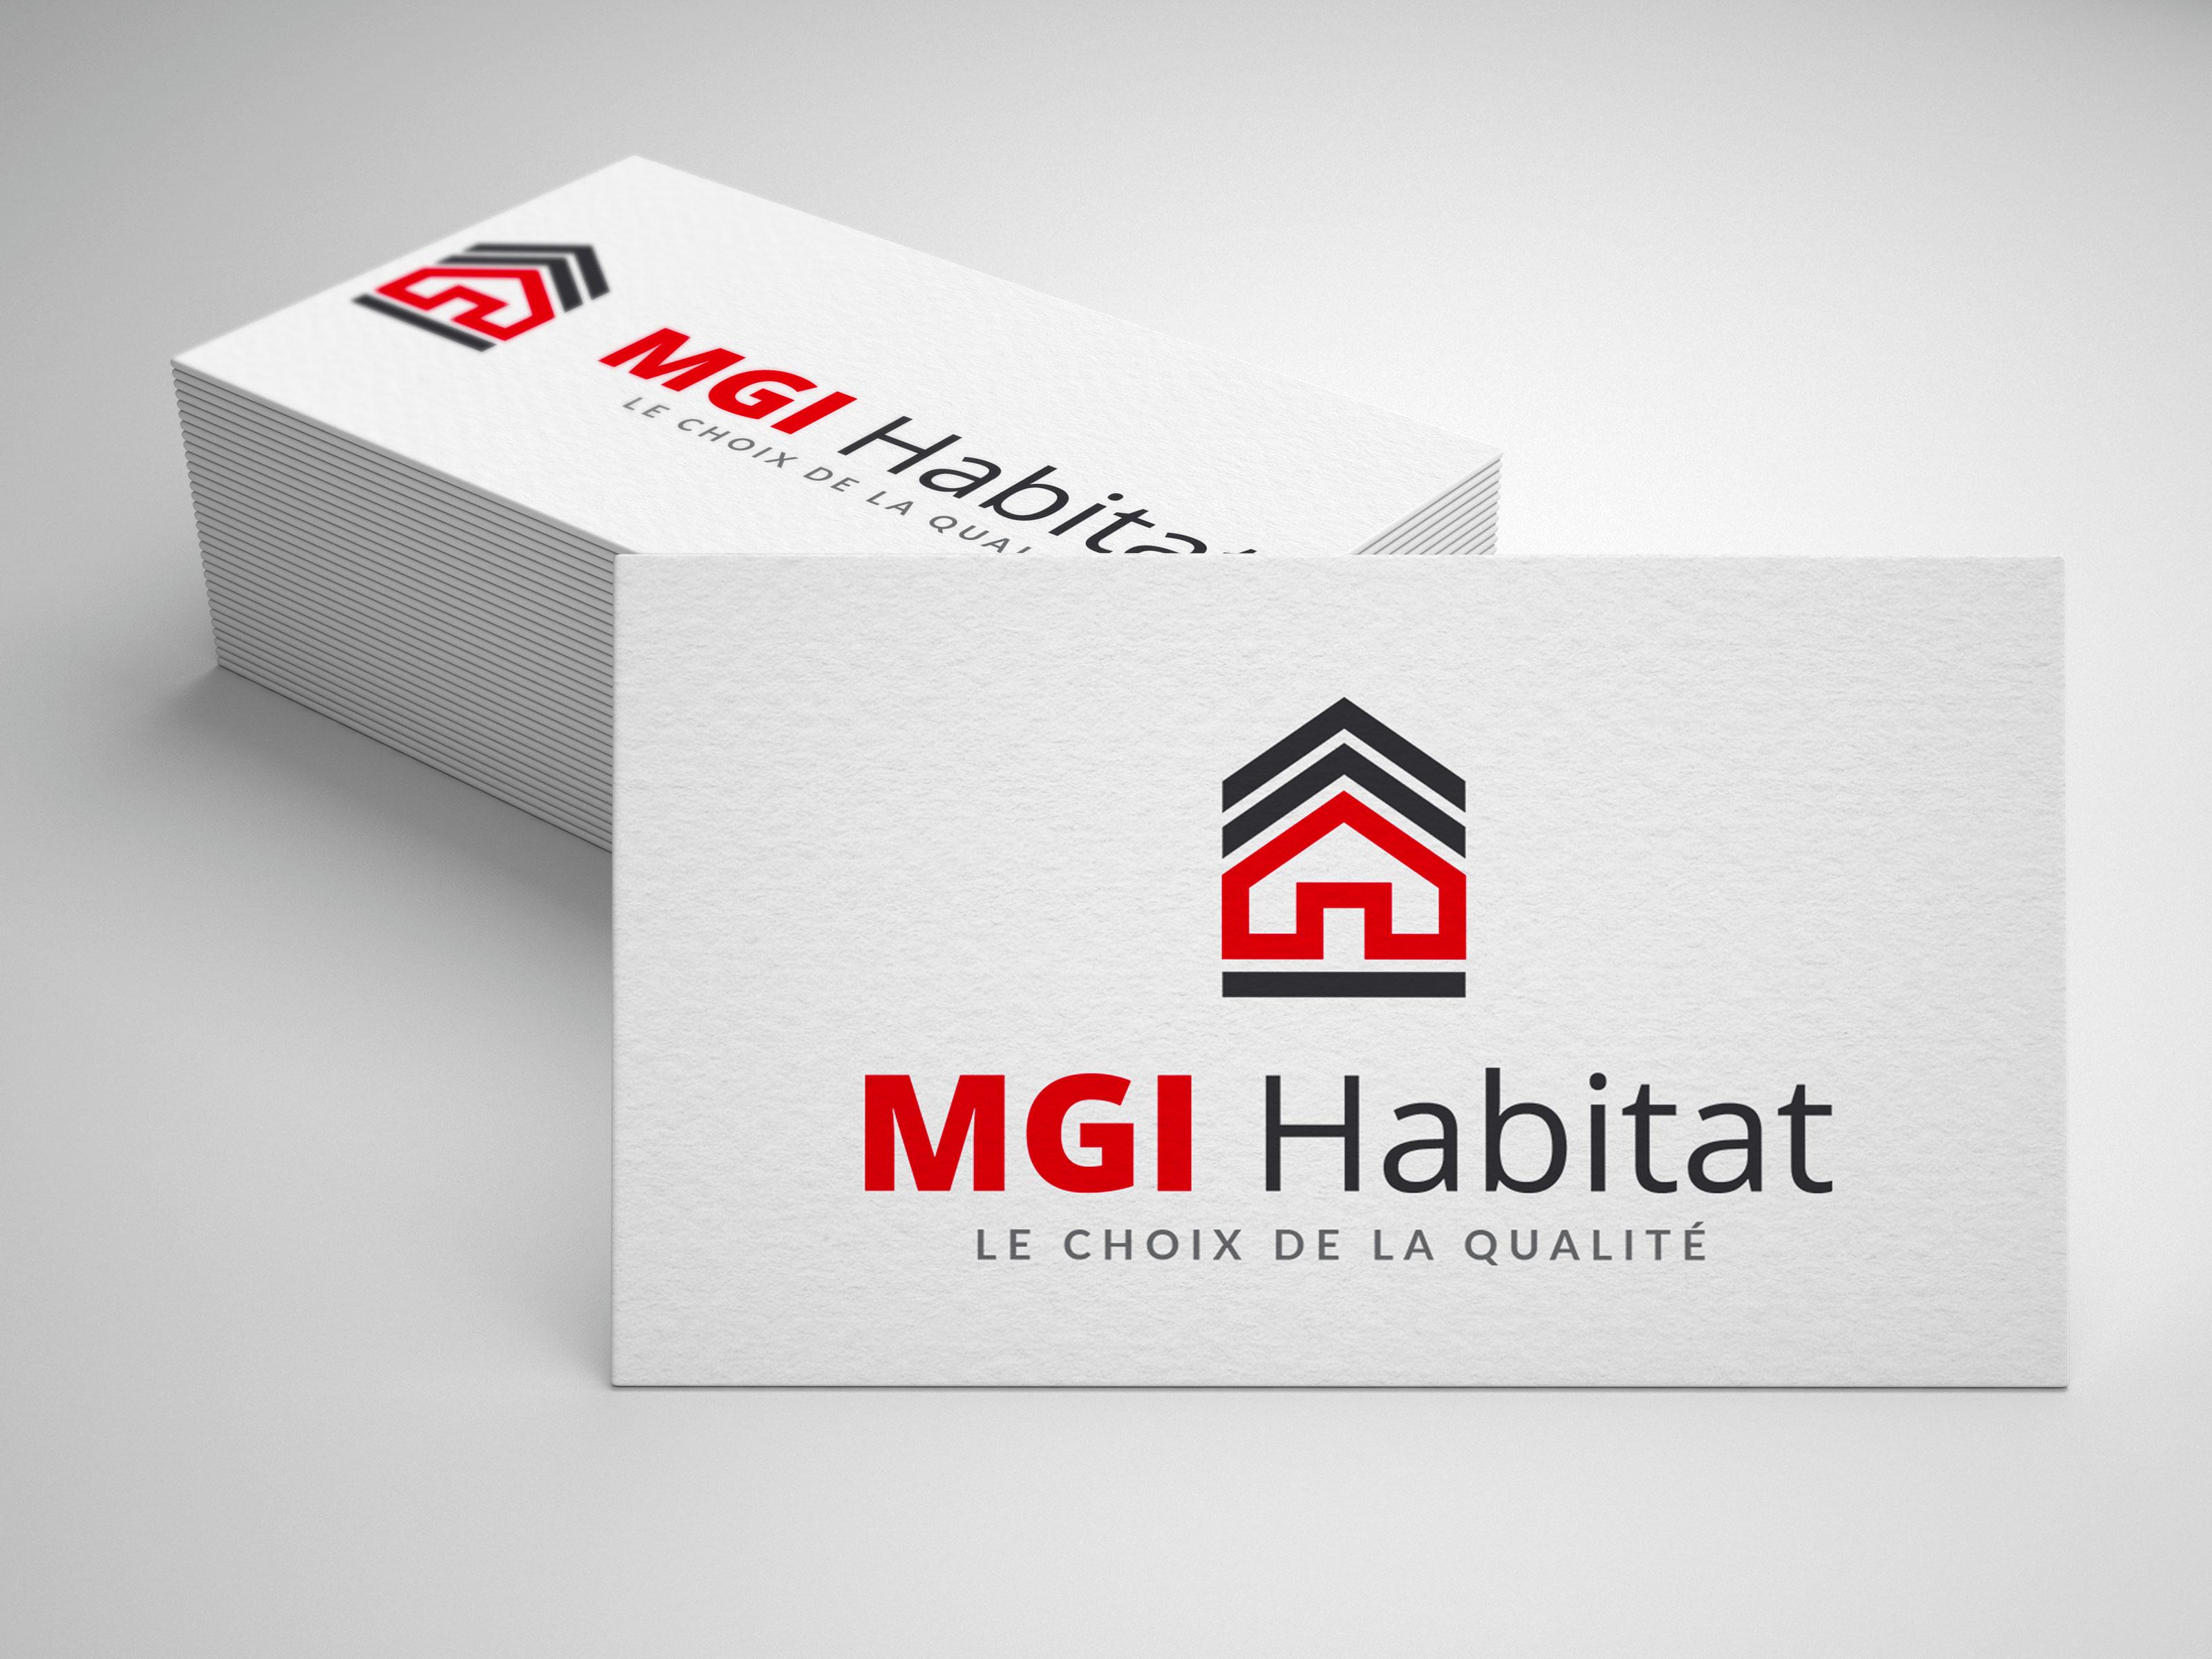 MGI Habitat